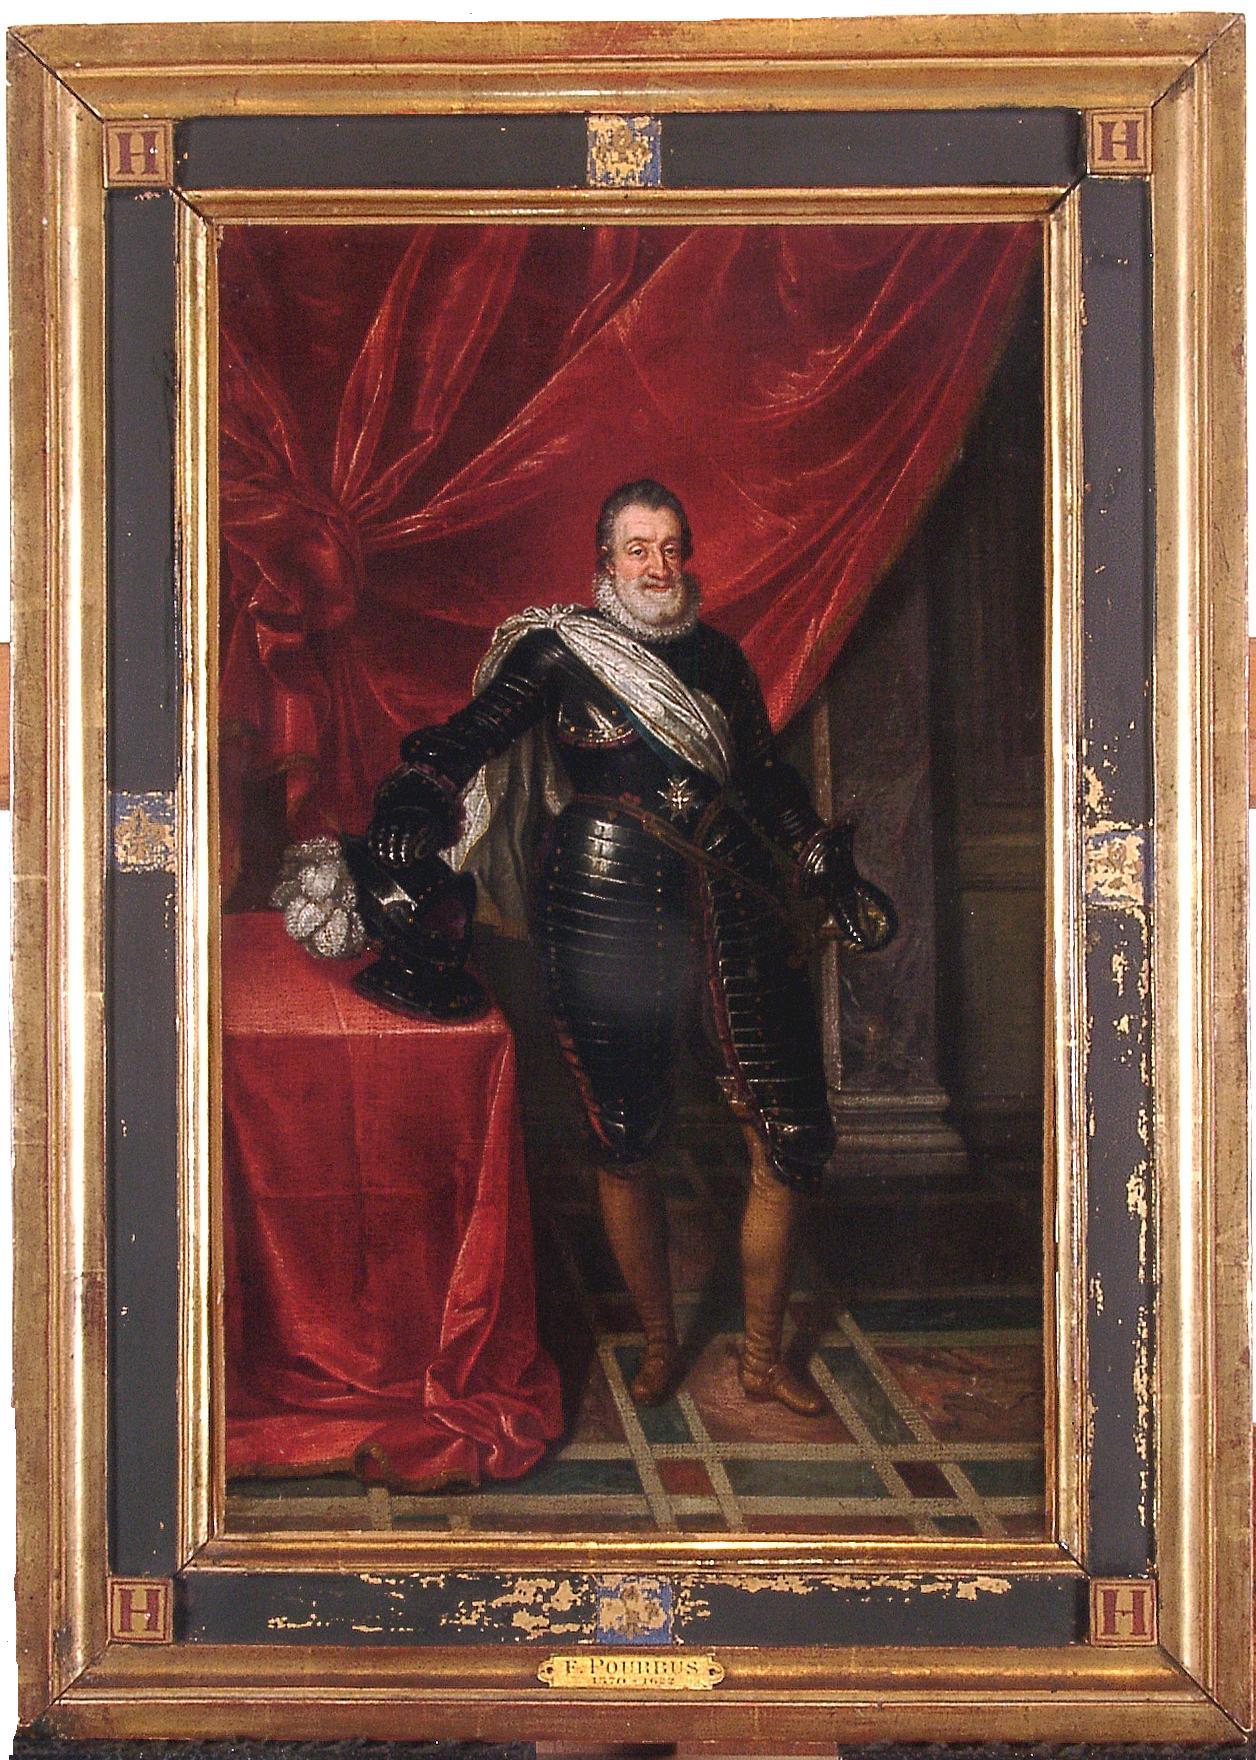 Henri IV en pied de Franz Pourbus le jeune (1569-1622)